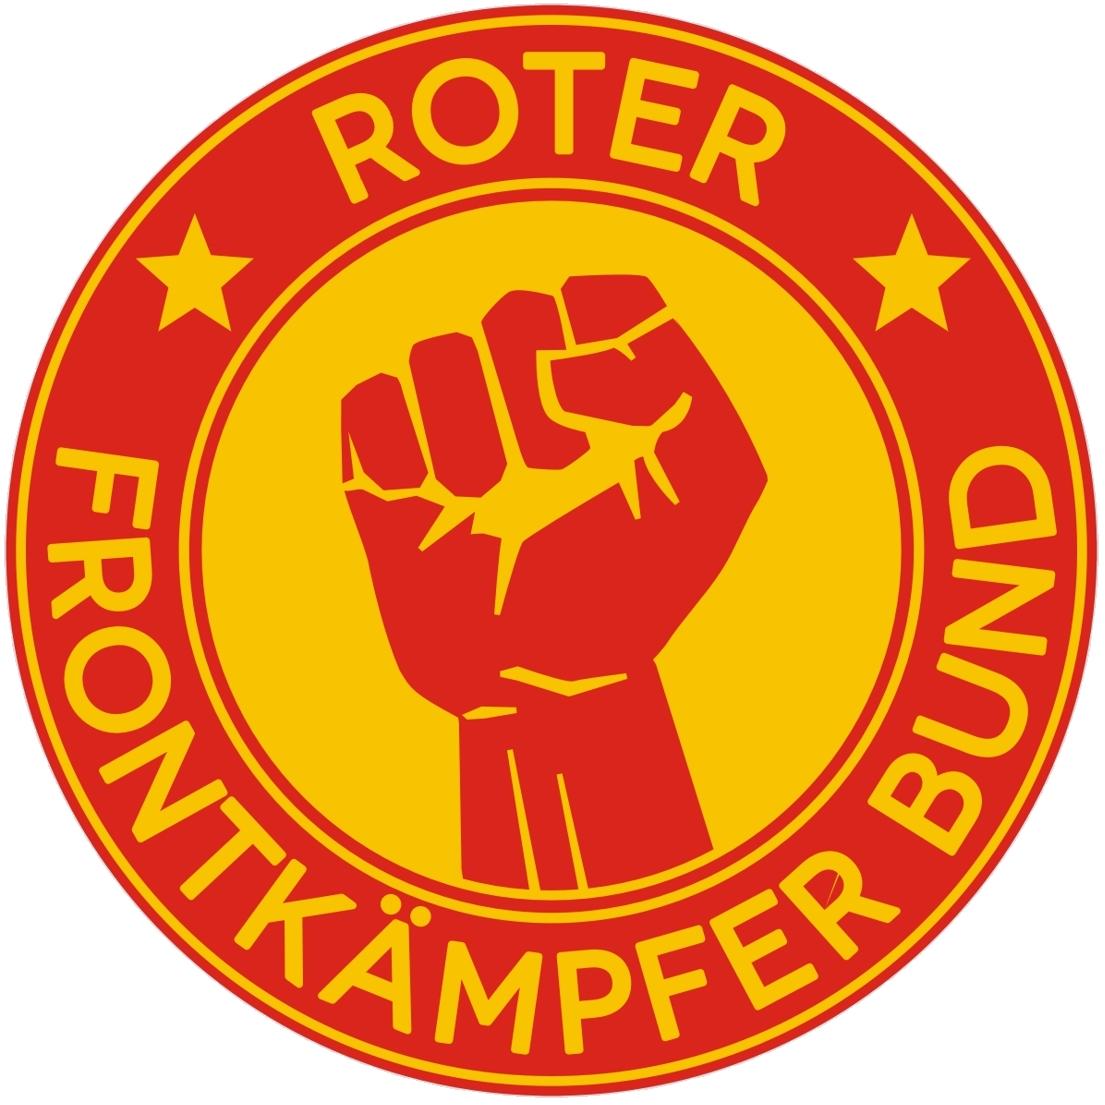 Roter Frontkämpfer-Bund –Ligue des combattants du front rouge